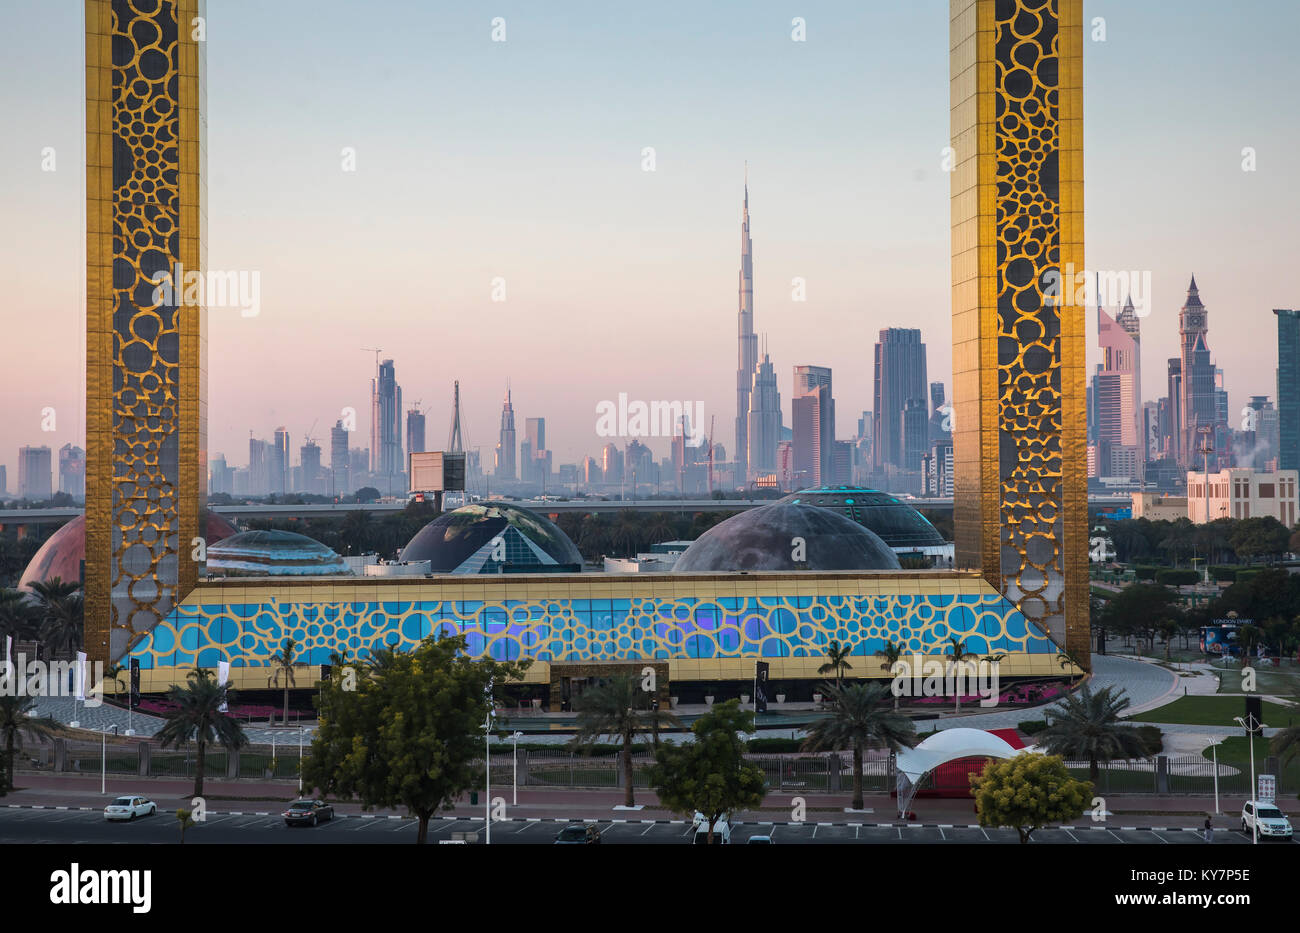 Dubai Landmark The Frame Imágenes De Stock & Dubai Landmark The ...